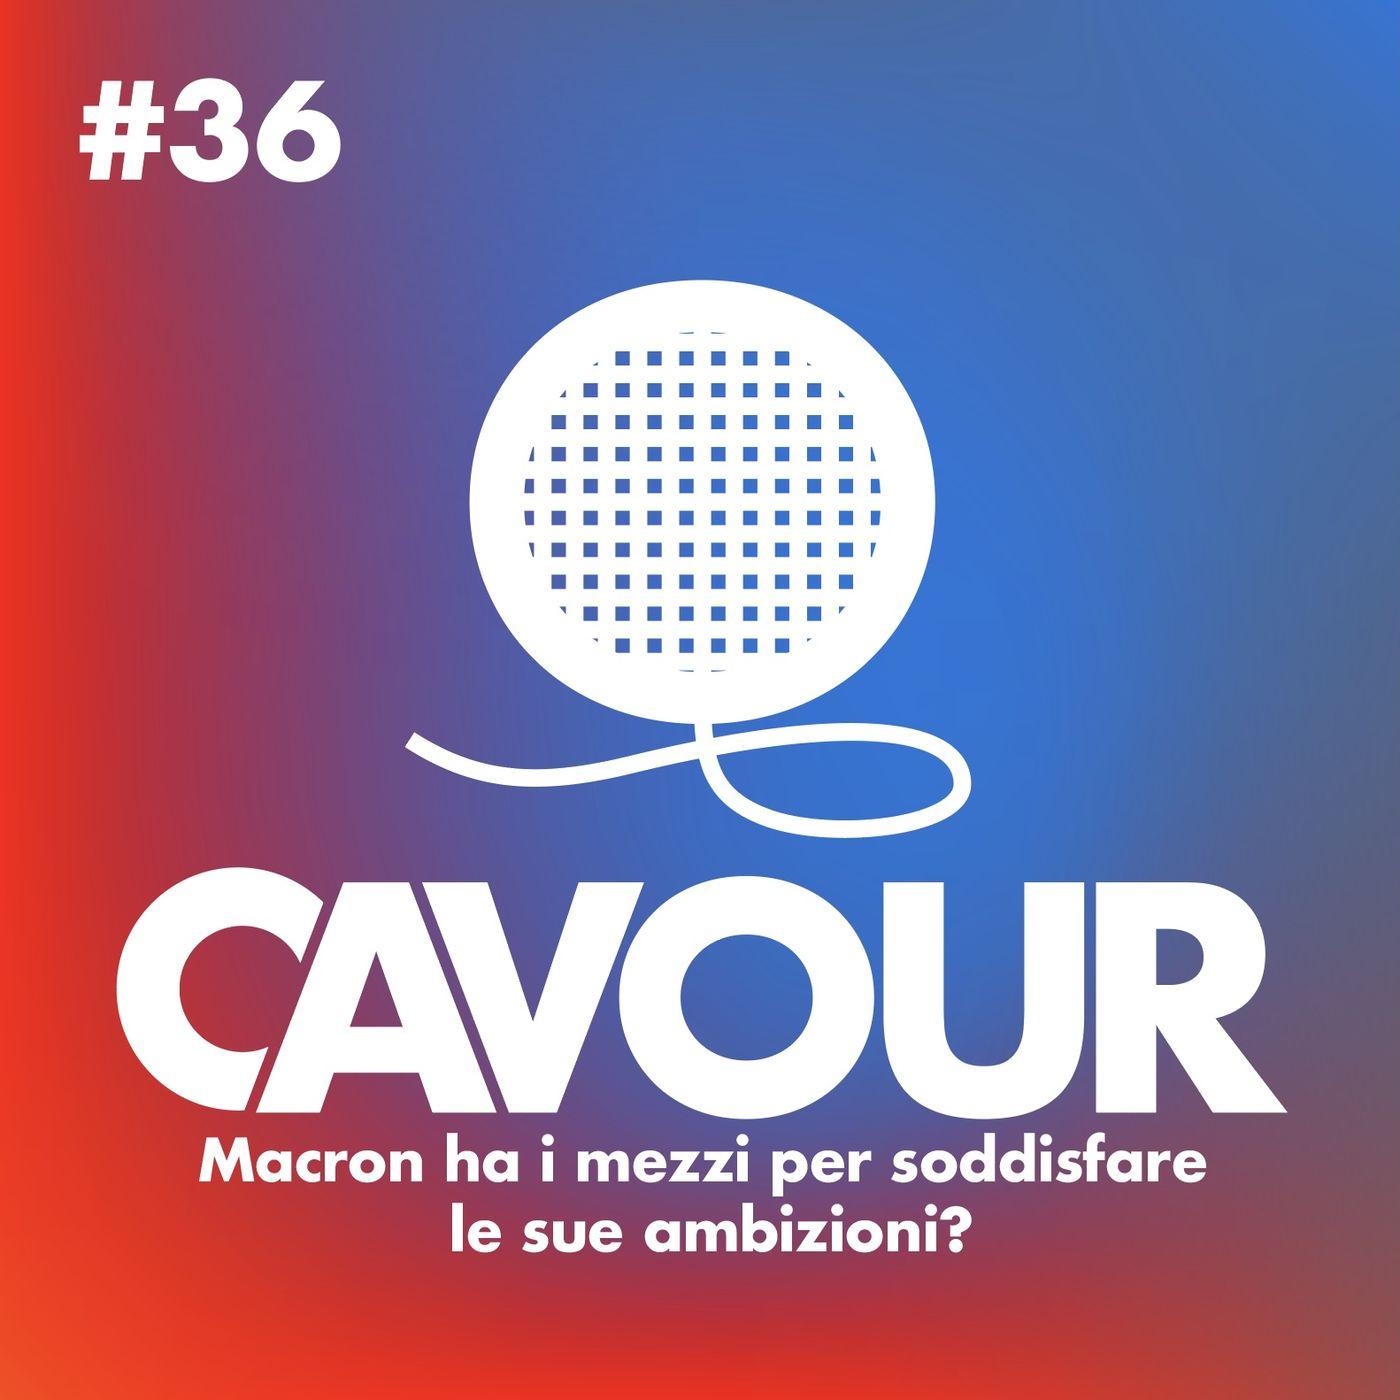 Macron ha i mezzi per soddisfare le sue ambizioni? #36